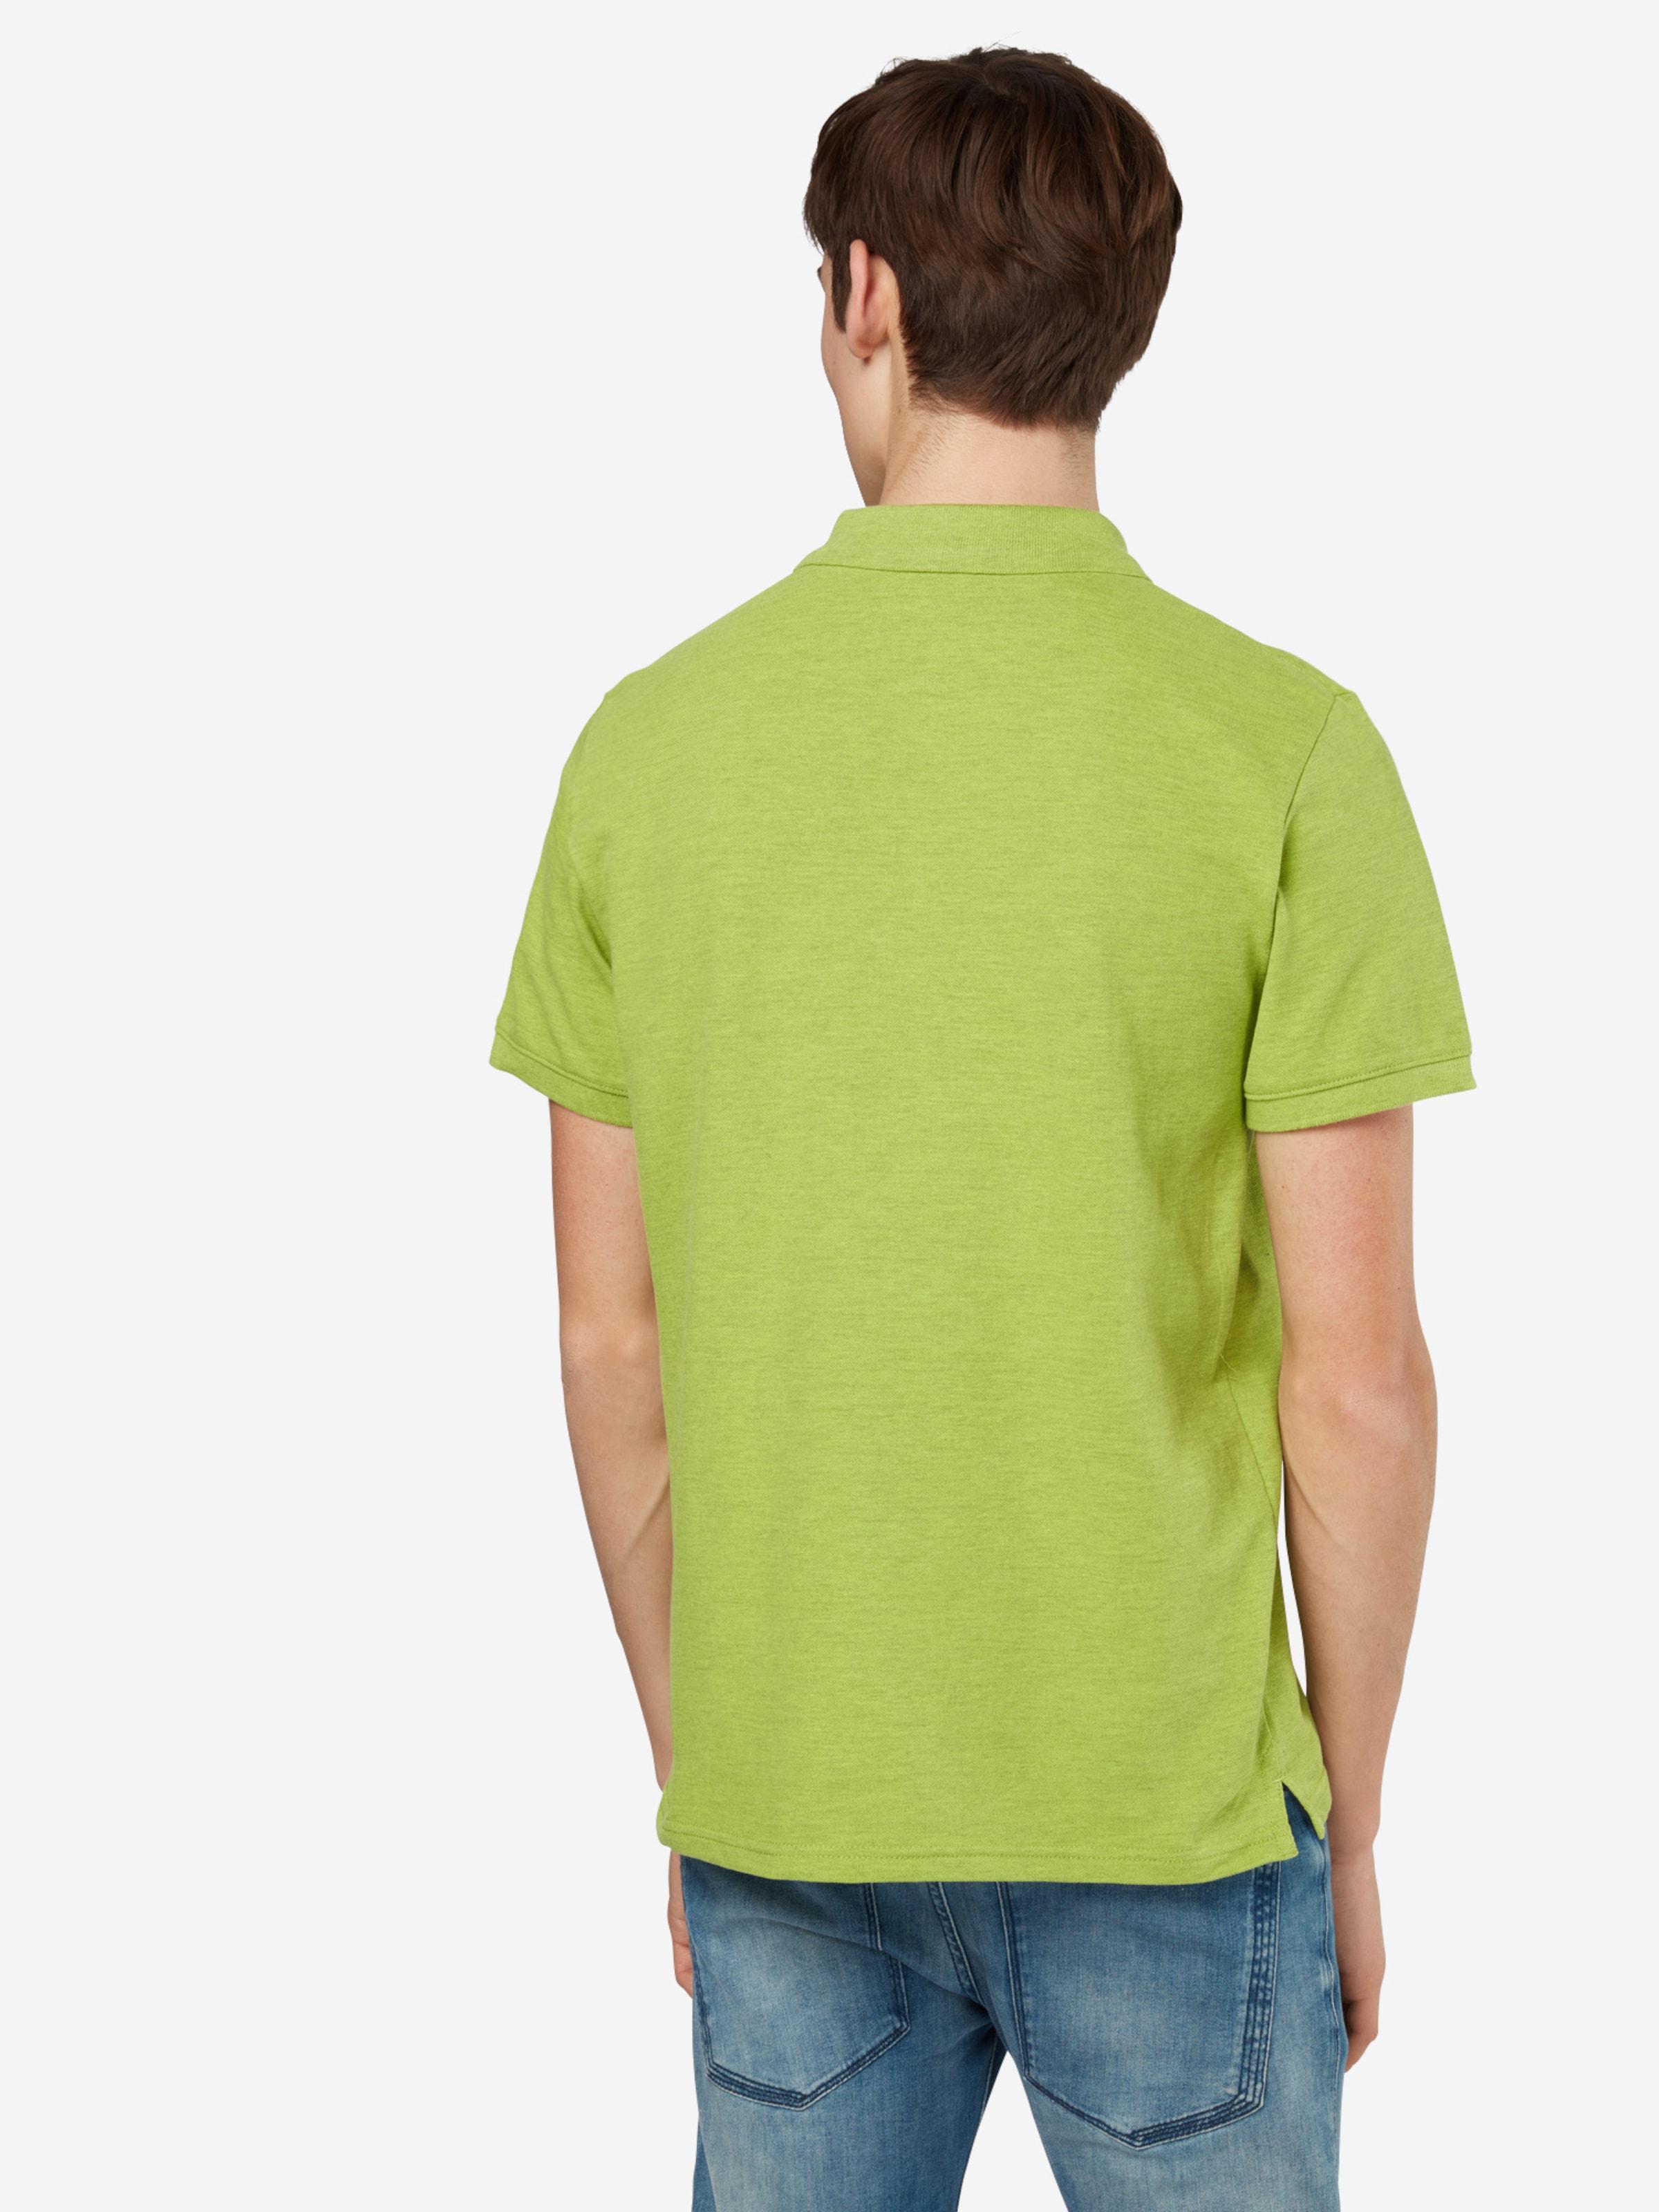 Super Die Günstigste Online TOM TAILOR Poloshirt 'NOS basic polo' Spielraum Sneakernews Billig Verkauf Bester Platz Axl5mk5